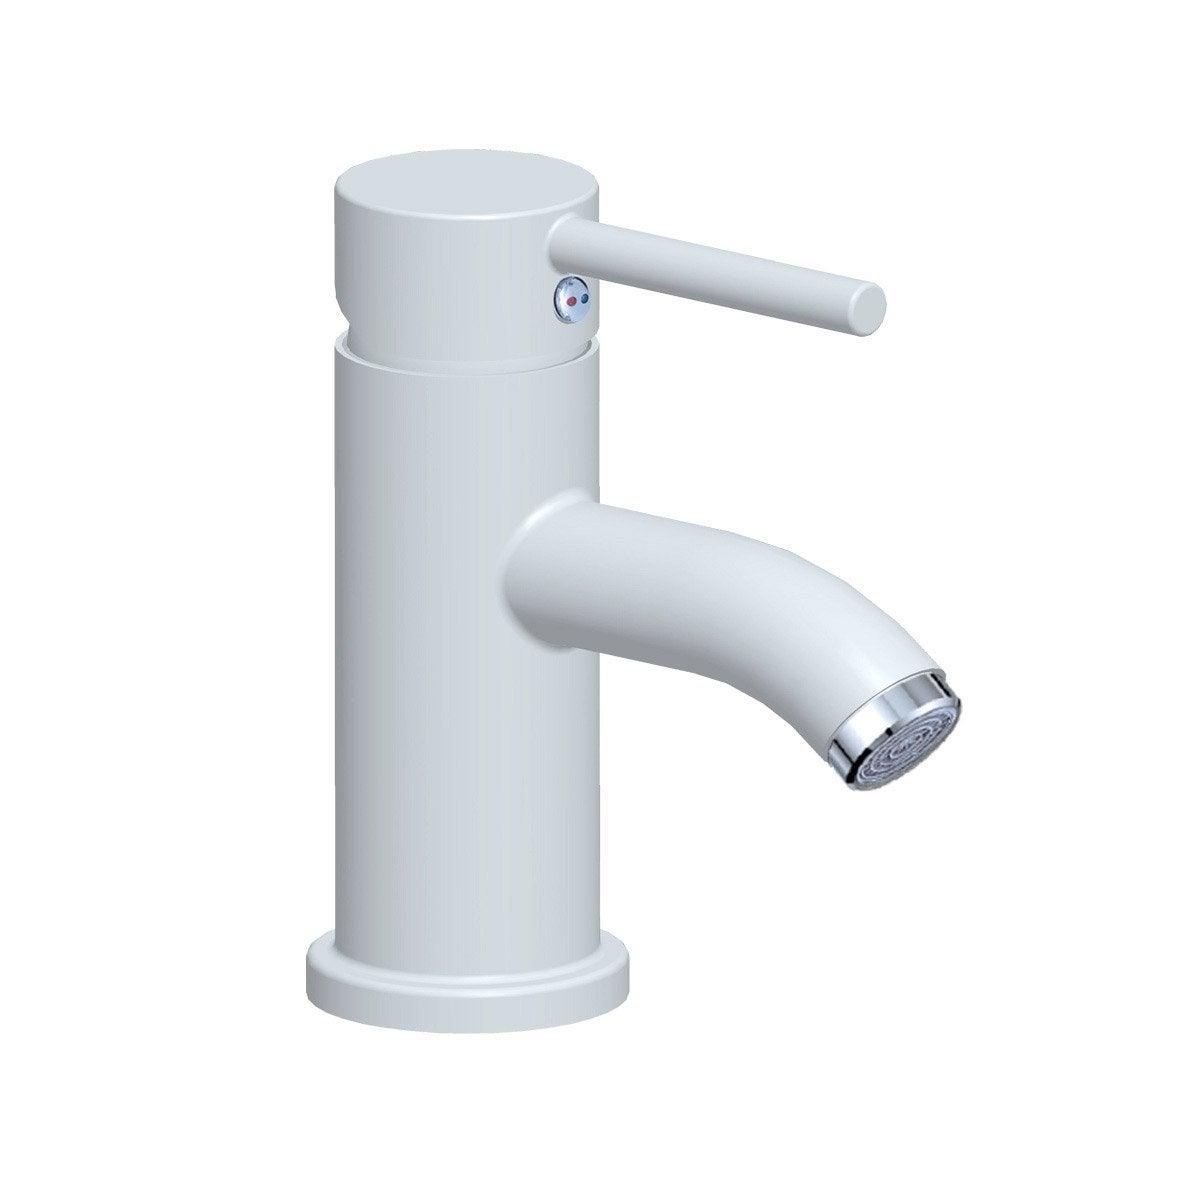 mitigeur de lavabo blanc sensea mia Résultat Supérieur 15 Merveilleux Mitigeur Lavabo Blanc Image 2018 Kae2